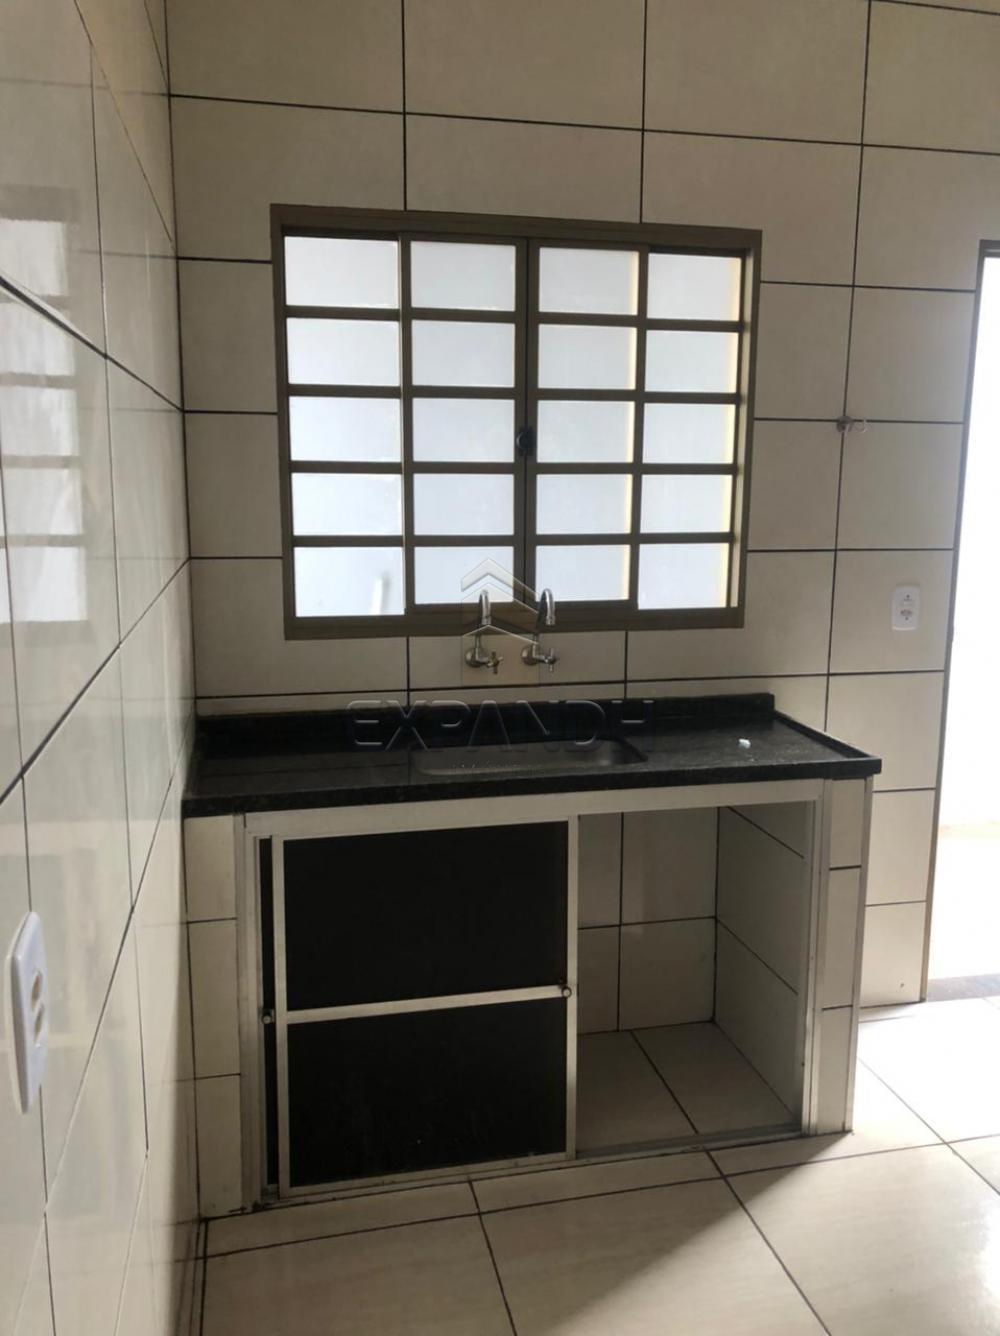 Alugar Casas / Padrão em Sertãozinho R$ 750,00 - Foto 11